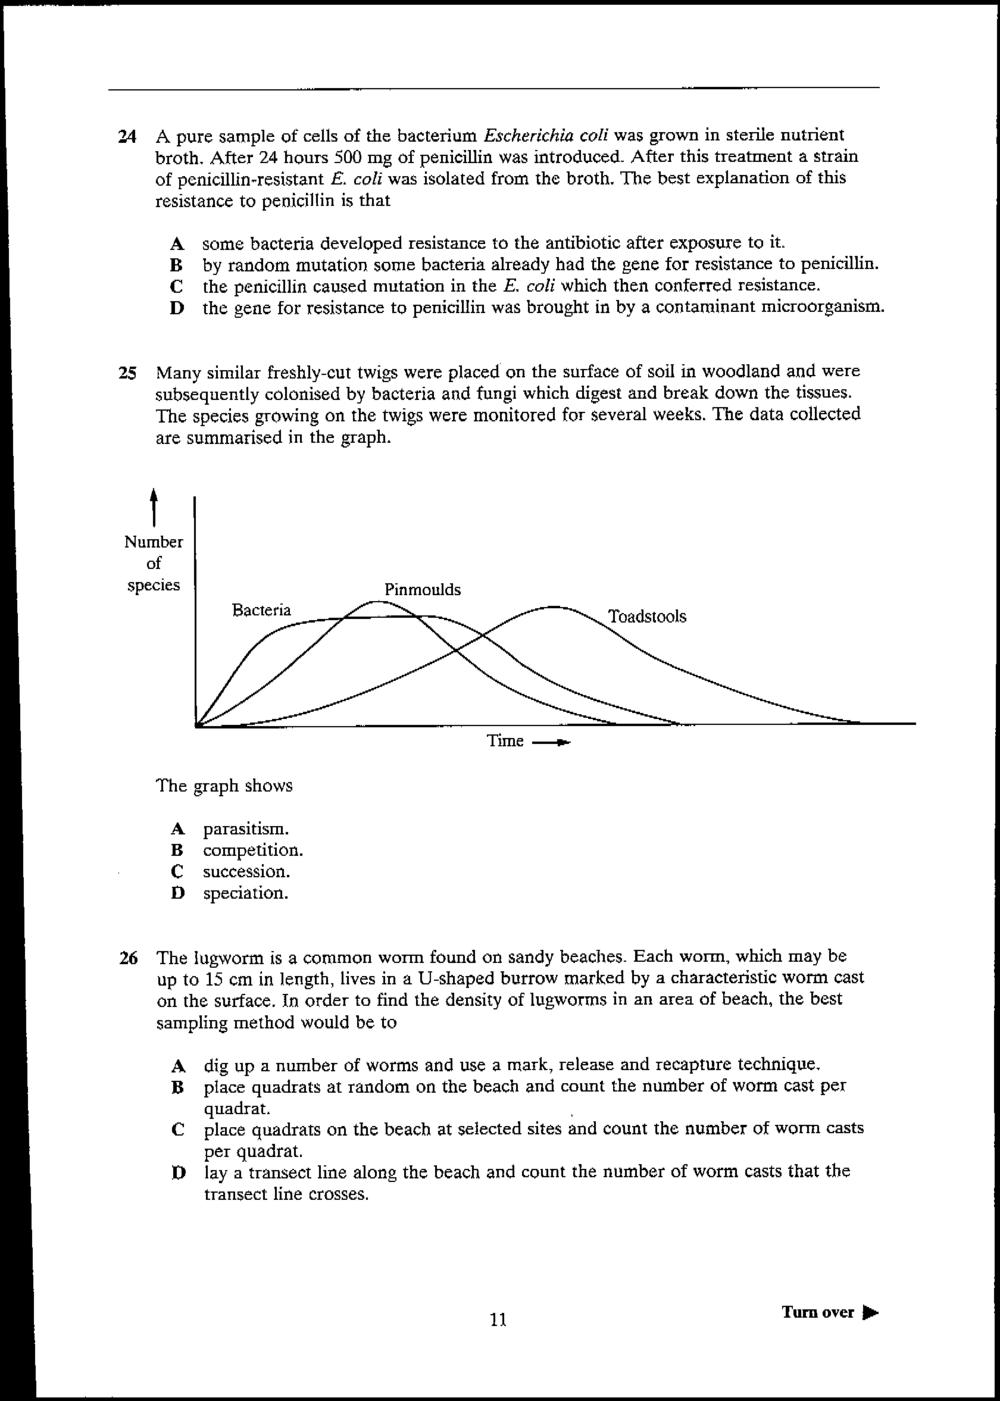 Civil engineer cover letter.doc